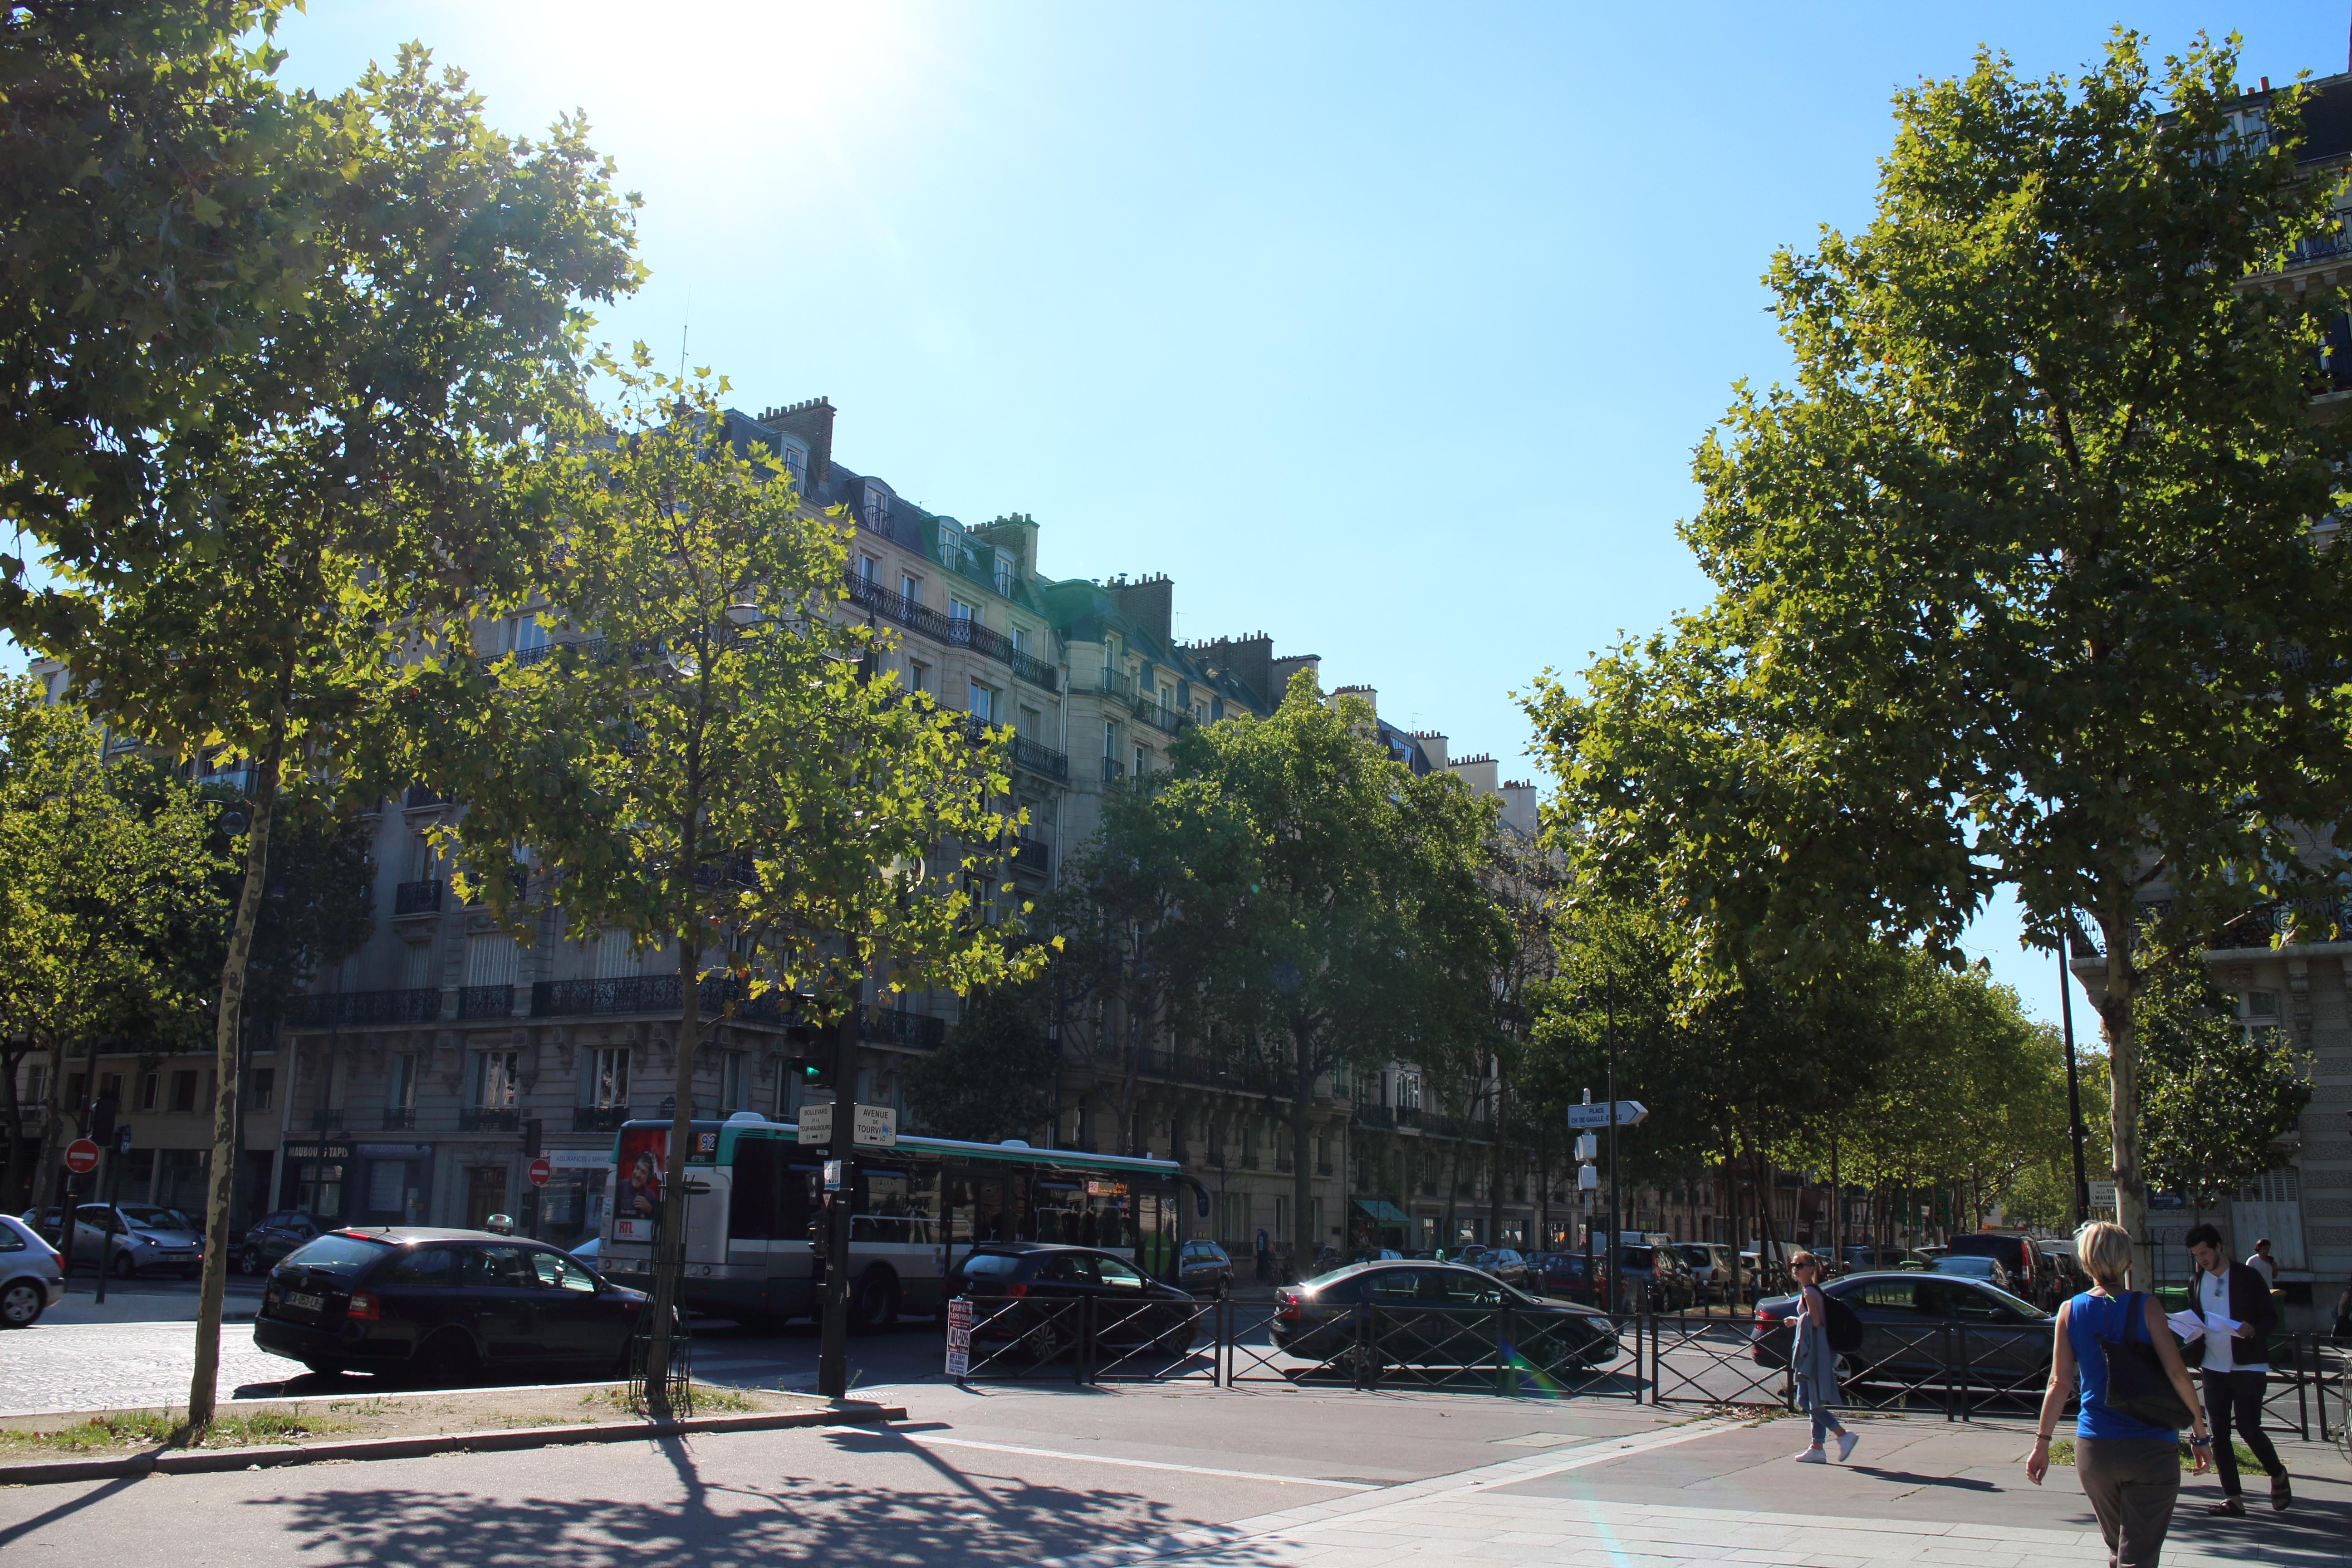 パリで猫を探す本。『猫をさがして-パリ20区芸術散歩』